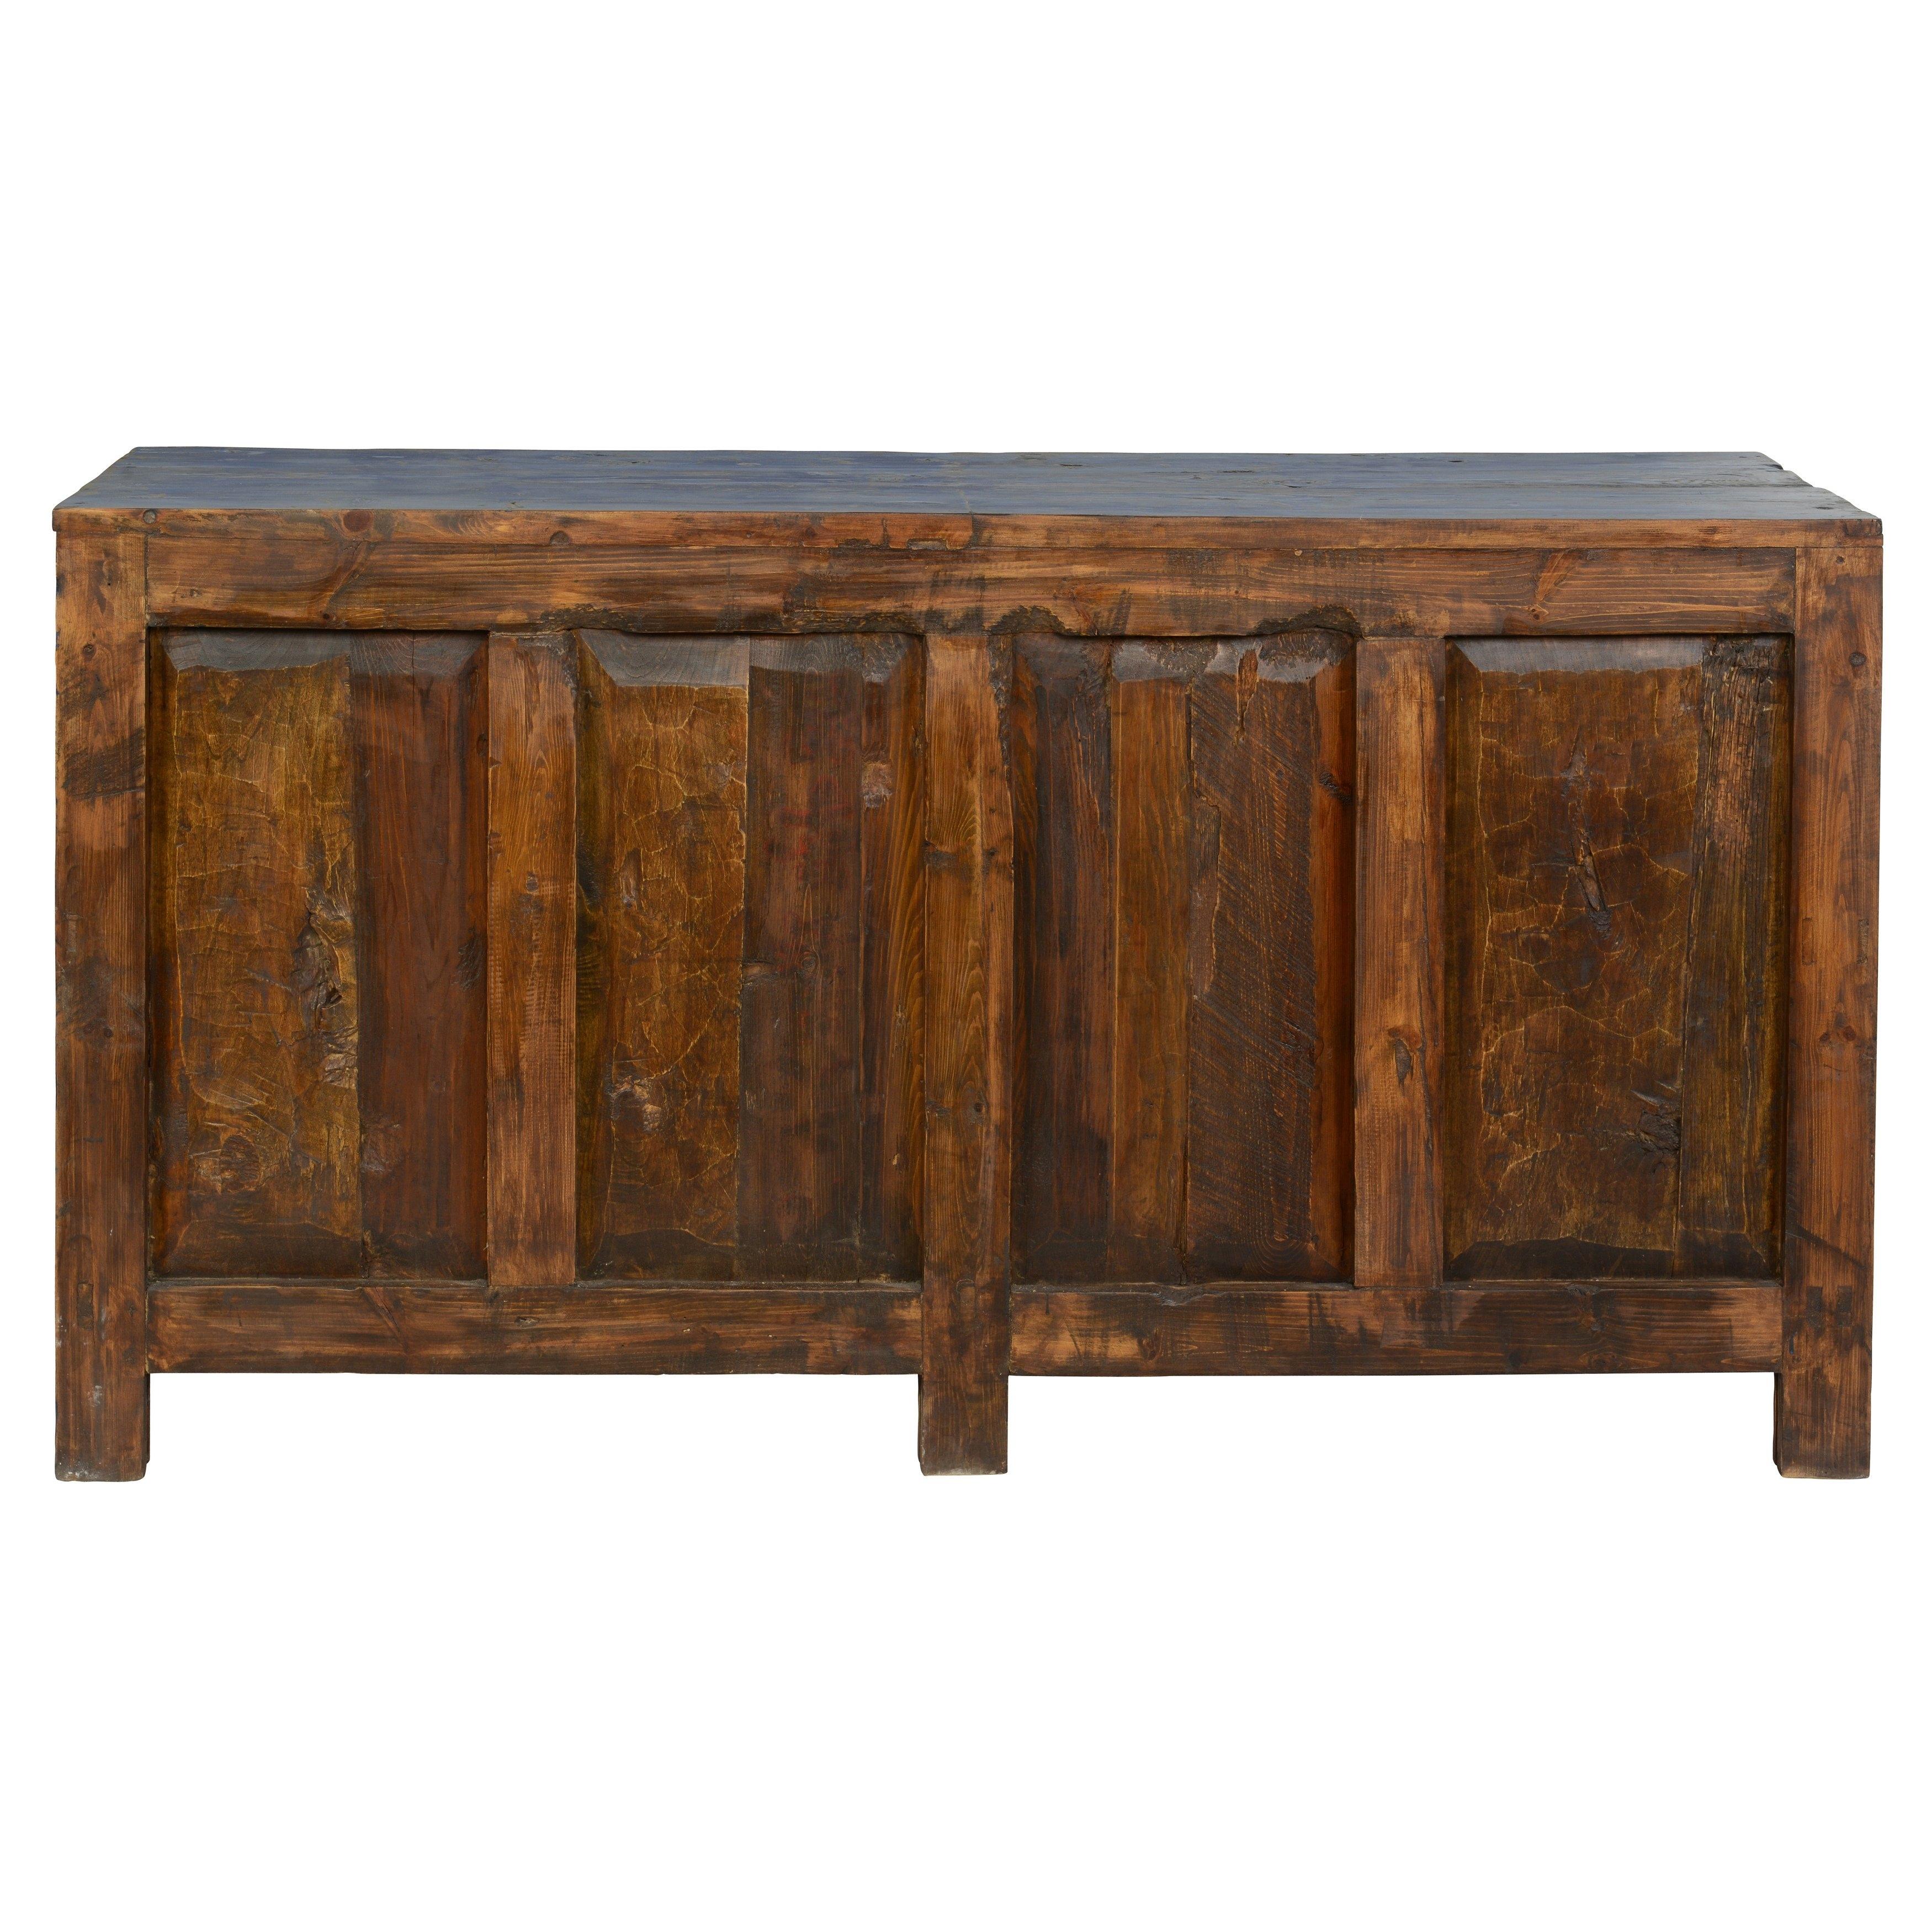 Havana Reclaimed Pine 4 Door Buffetkosas Home – Free Shipping Within Recent Reclaimed Pine 4 Door Sideboards (View 13 of 20)